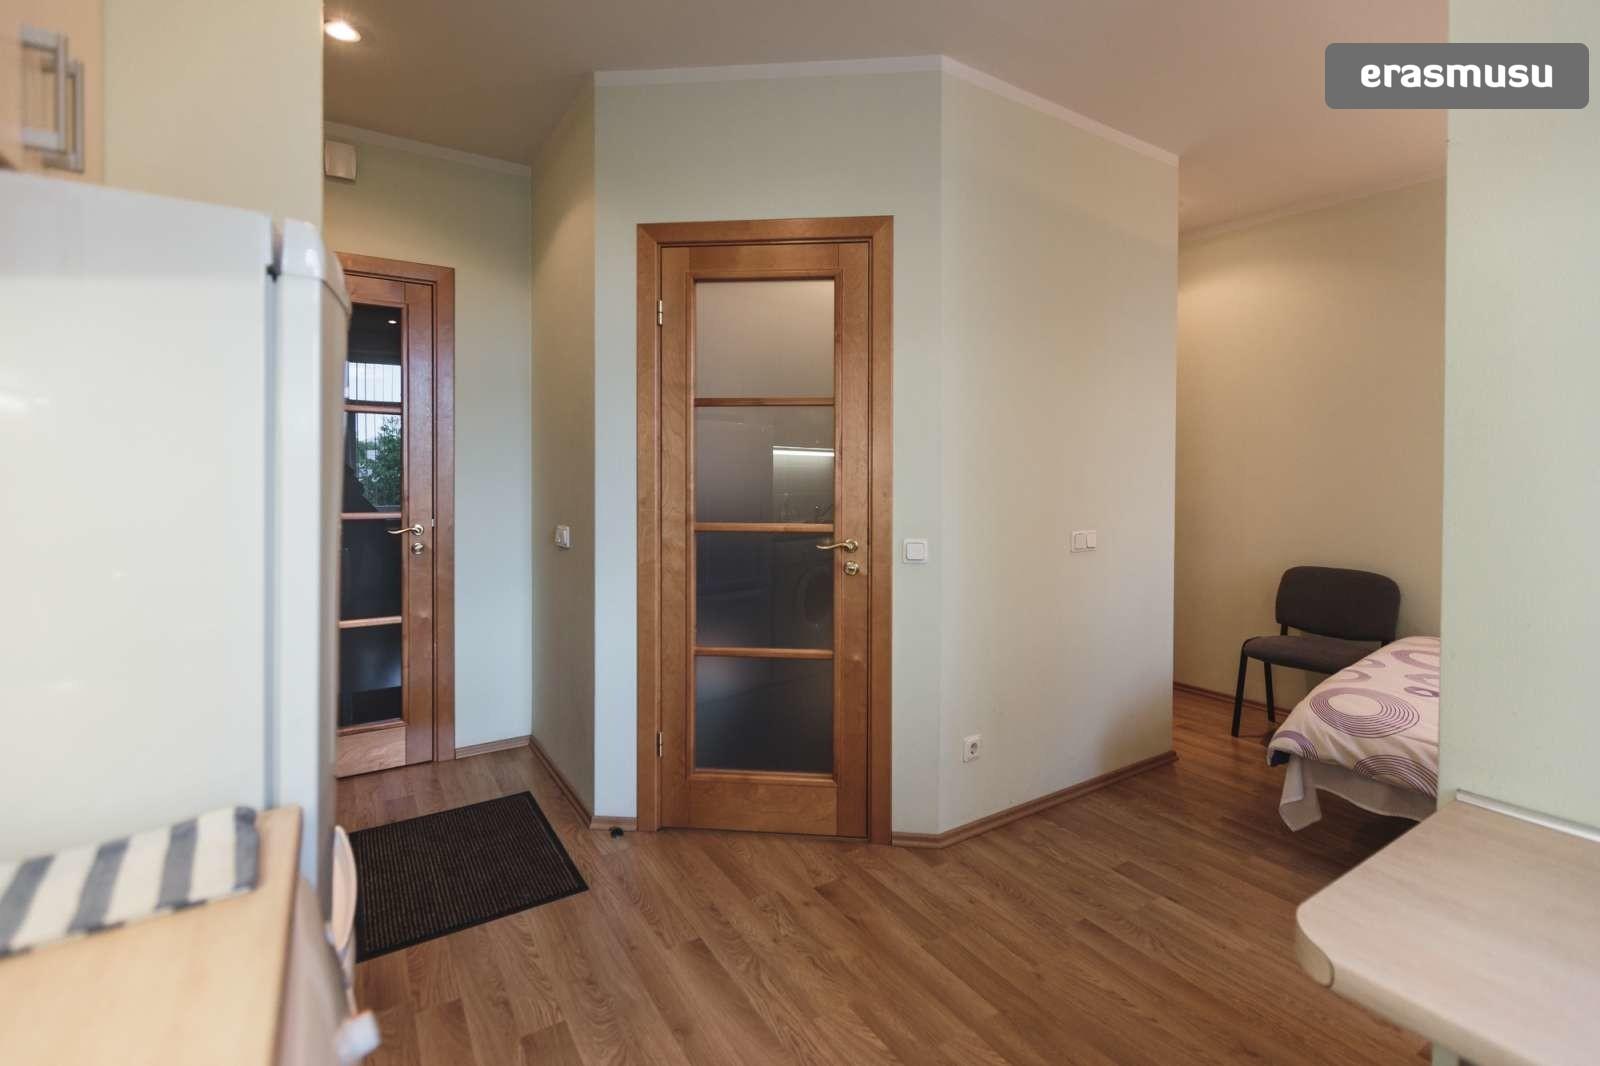 cozy-studio-apartment-rent-petersala-andrejsala-964368c6afc258e8